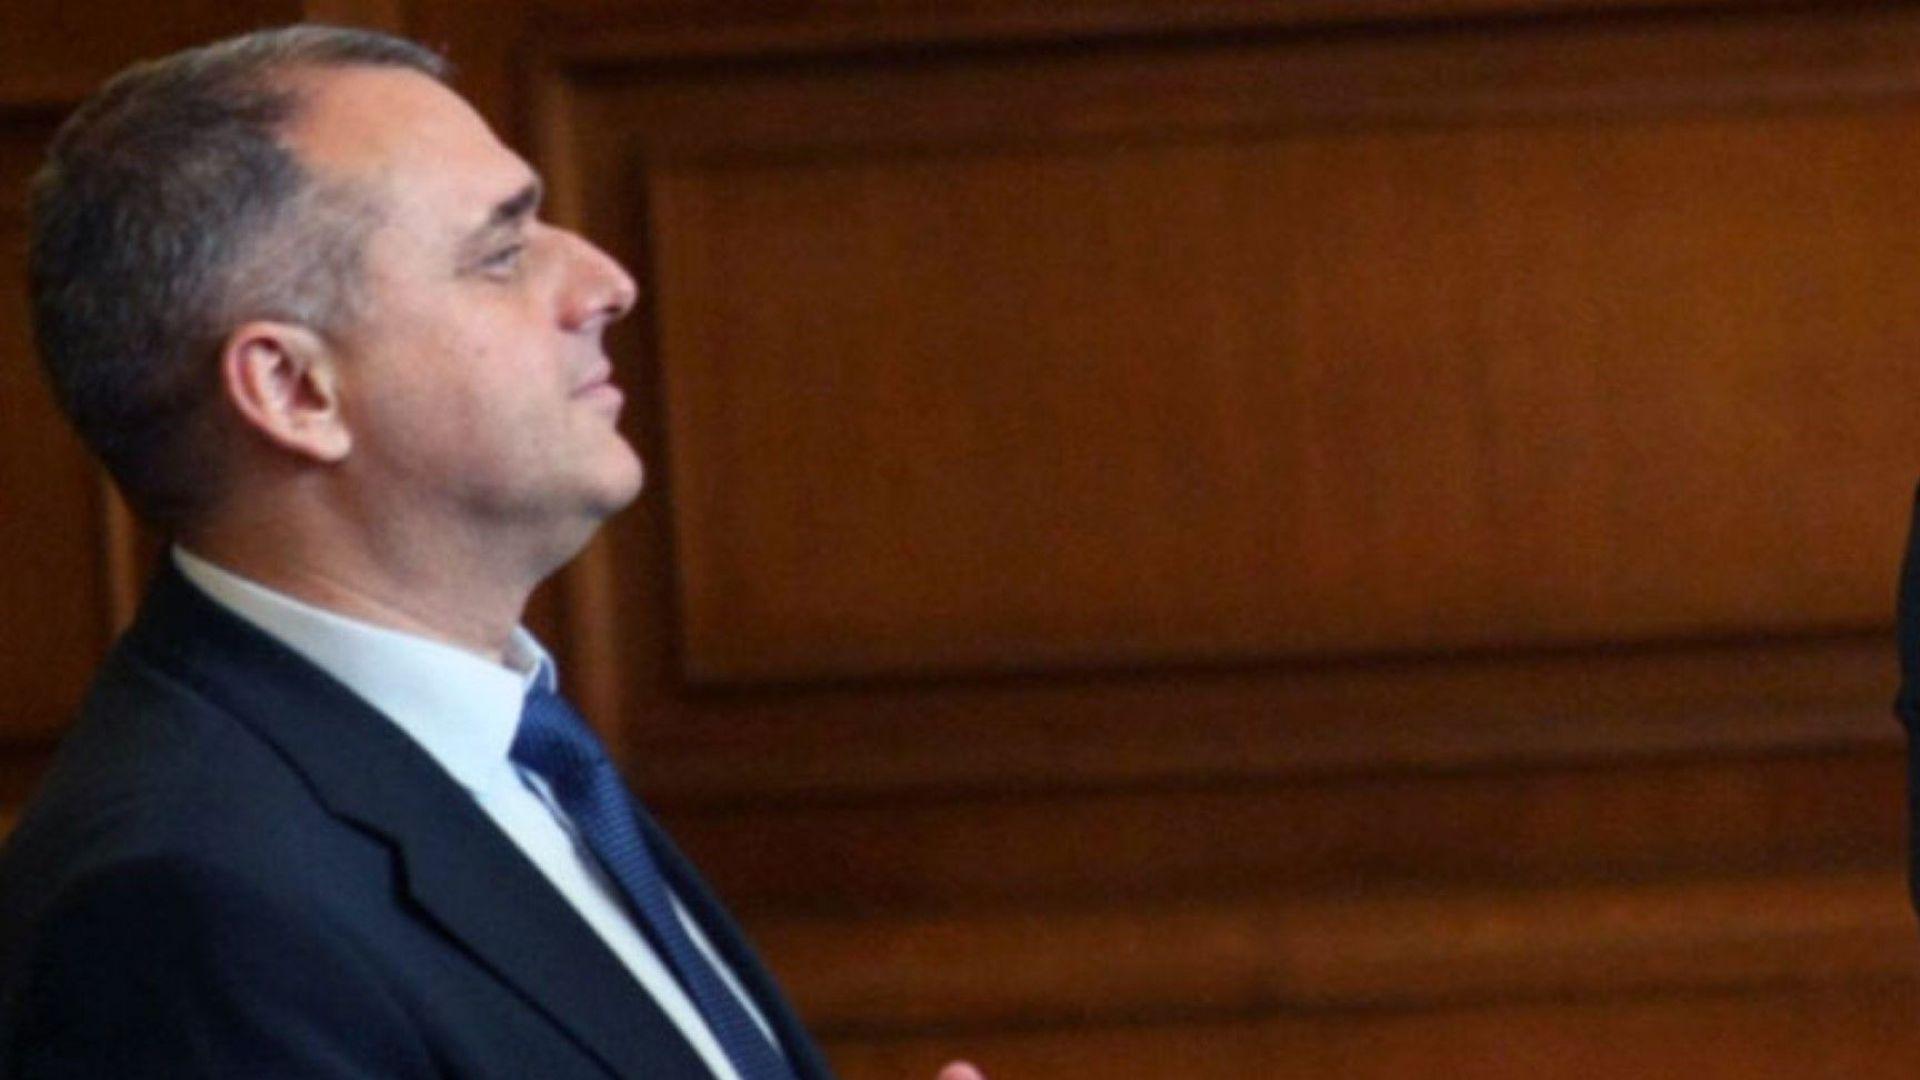 """ОП искат със закон да се глобяват до 5000 лв. чиновници, които си """"позволяват да говорят на език, различен от българския"""""""